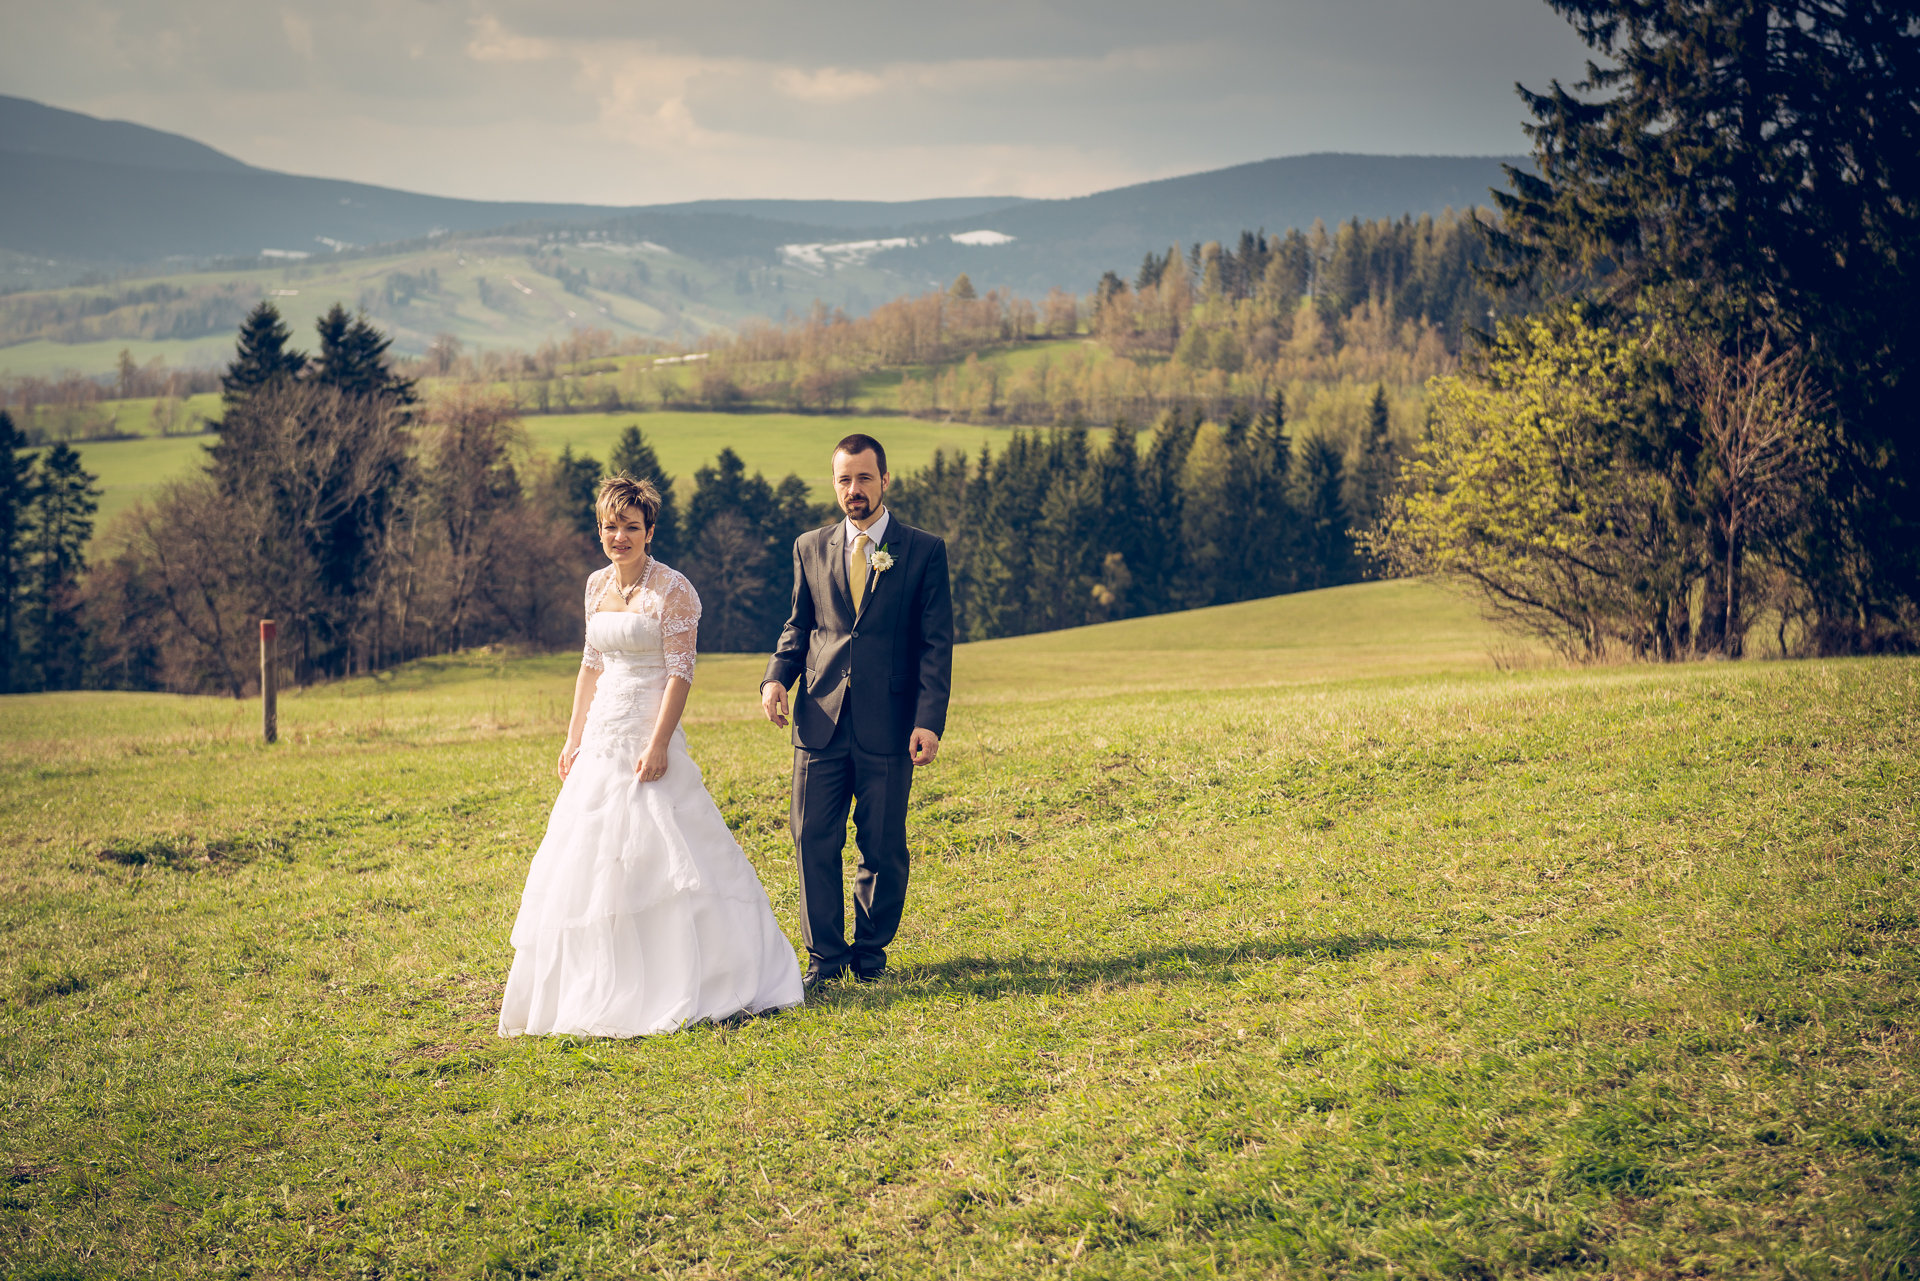 svatba-sedlackovi-19